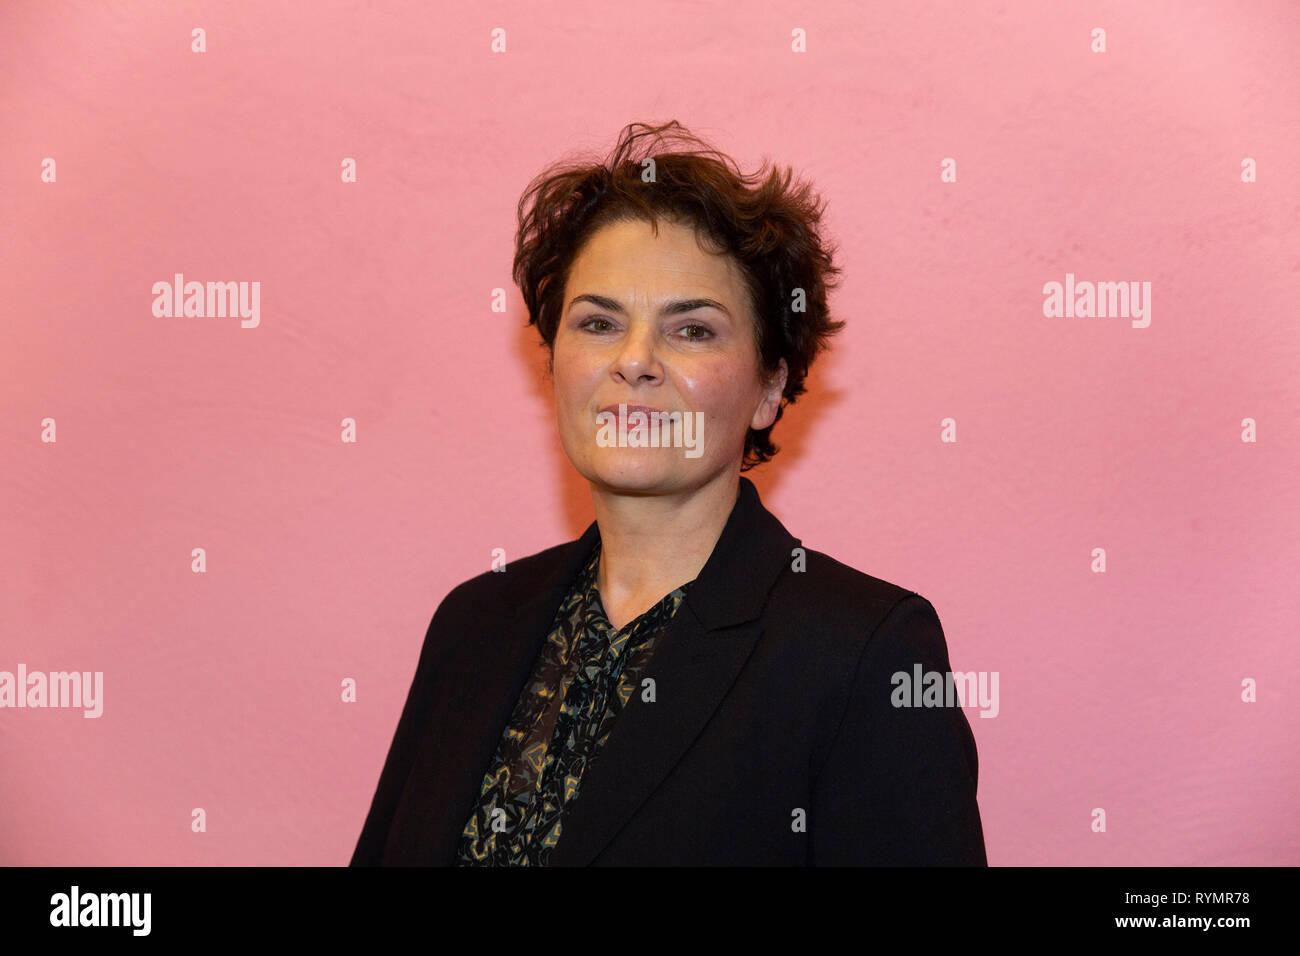 Barbara Auer bei der Premiere Film Vakuum, Schauspiel Köln, Köln, 13.03.2019 - Stock Image